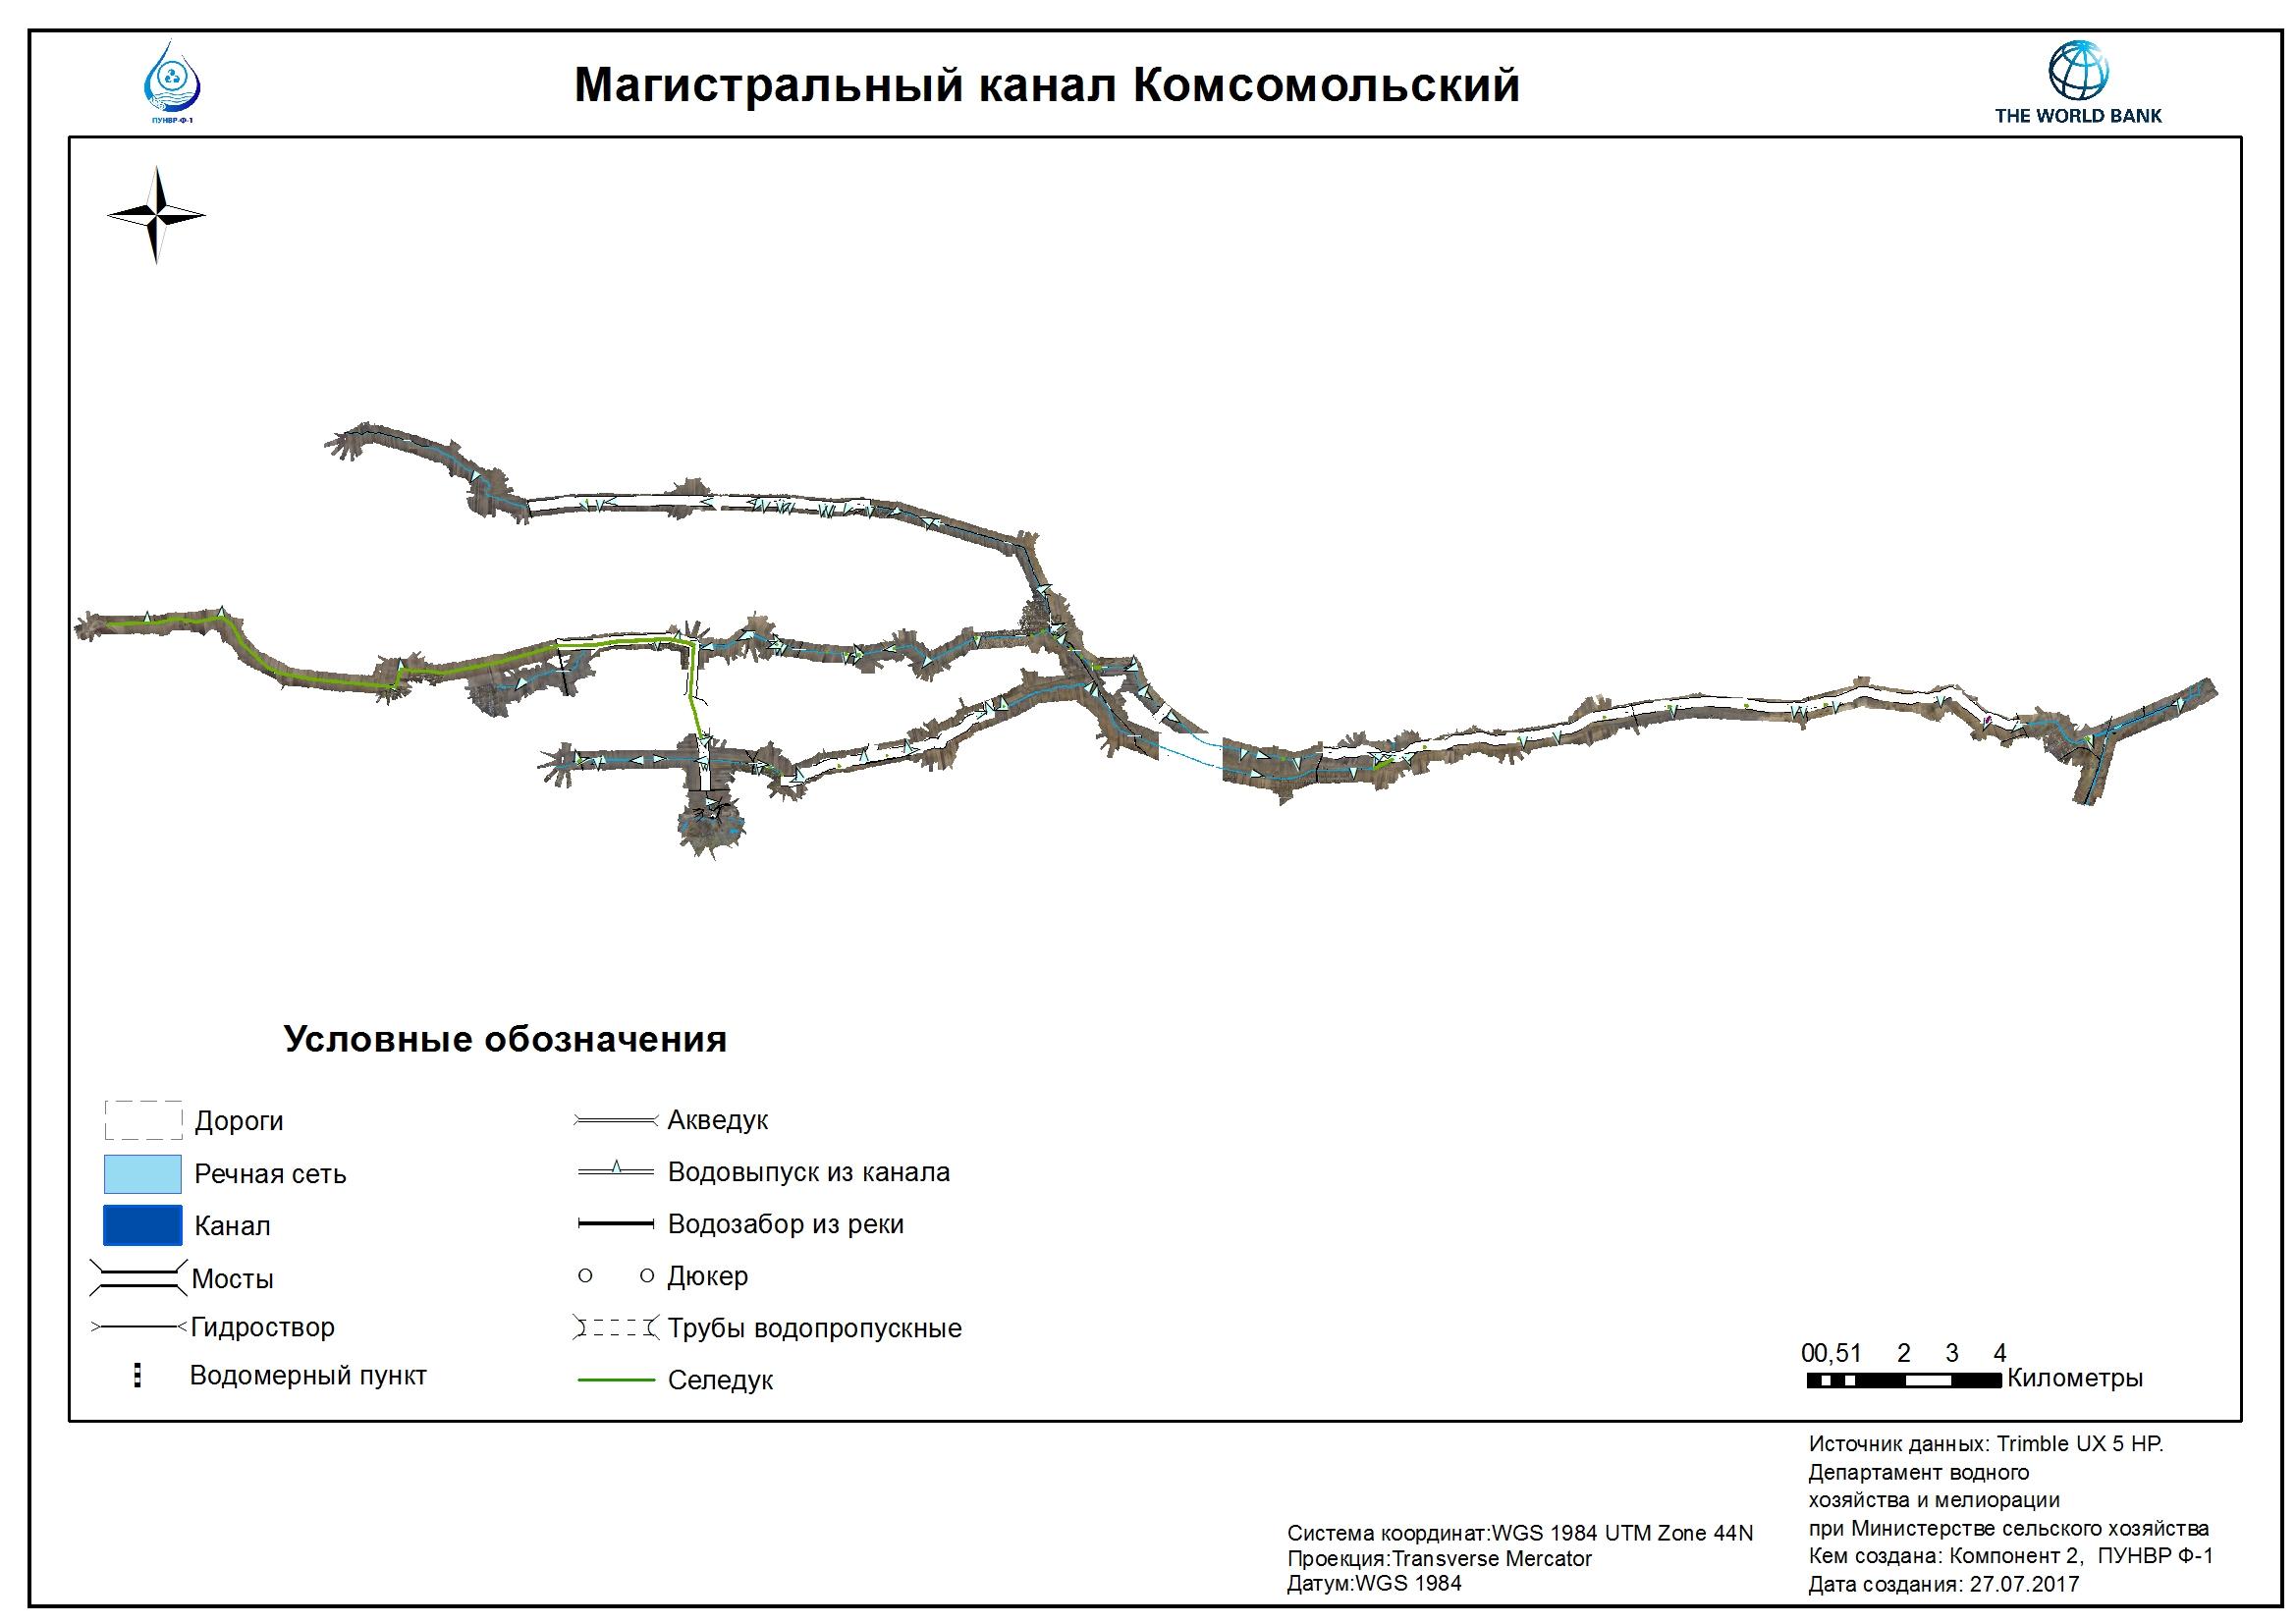 Магистральный канал Комсомольский